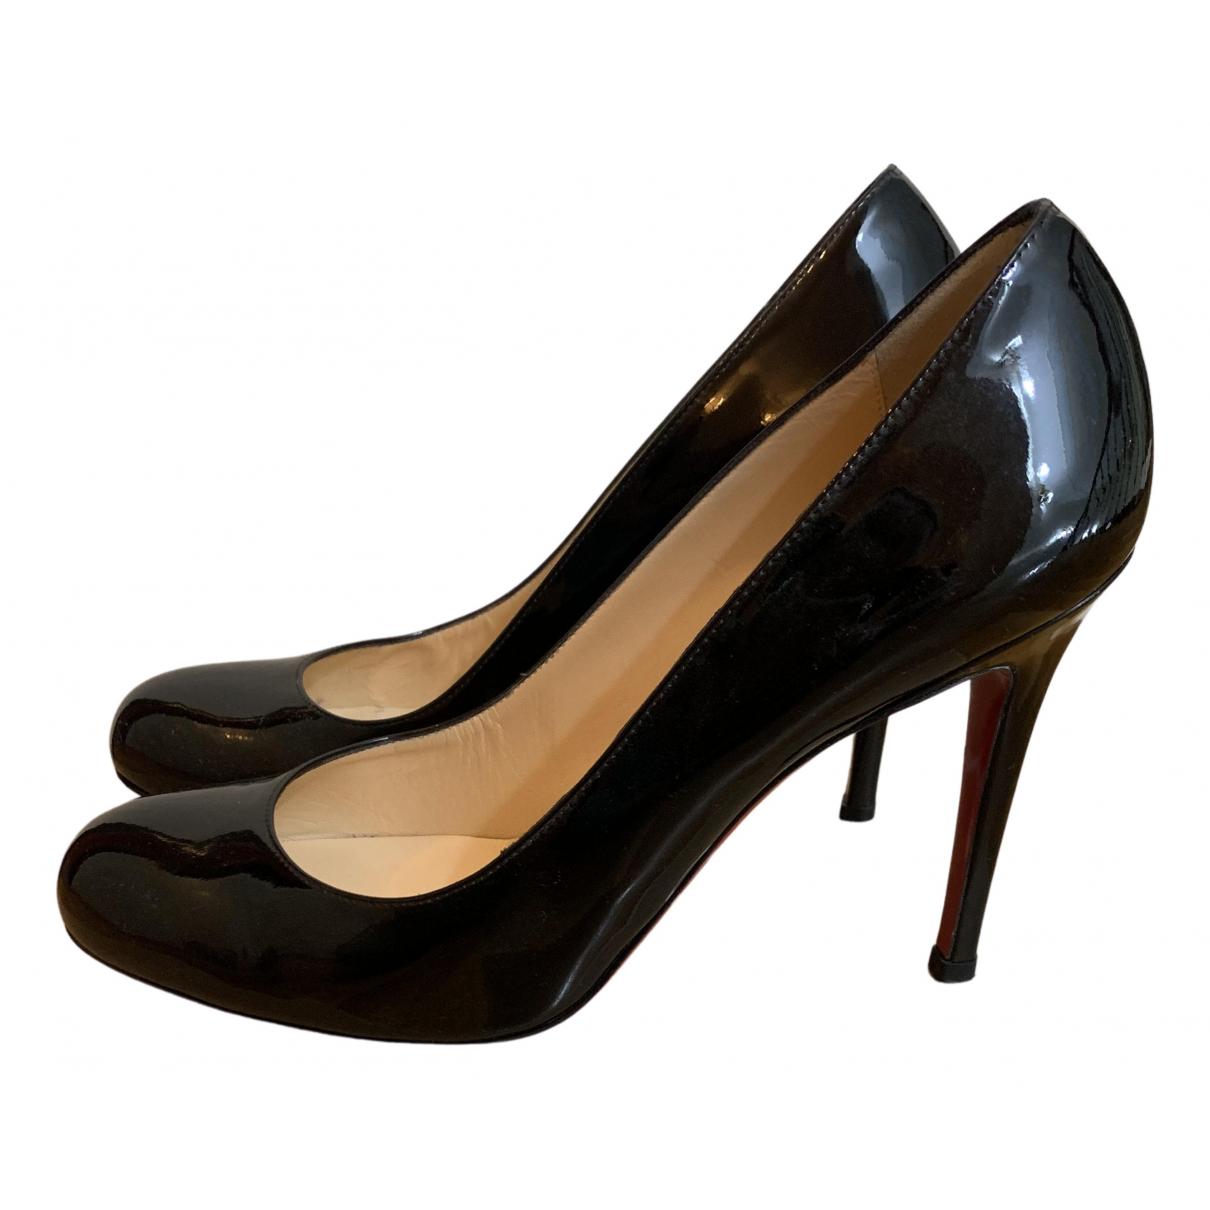 Christian Louboutin - Escarpins Bianca pour femme en cuir - noir